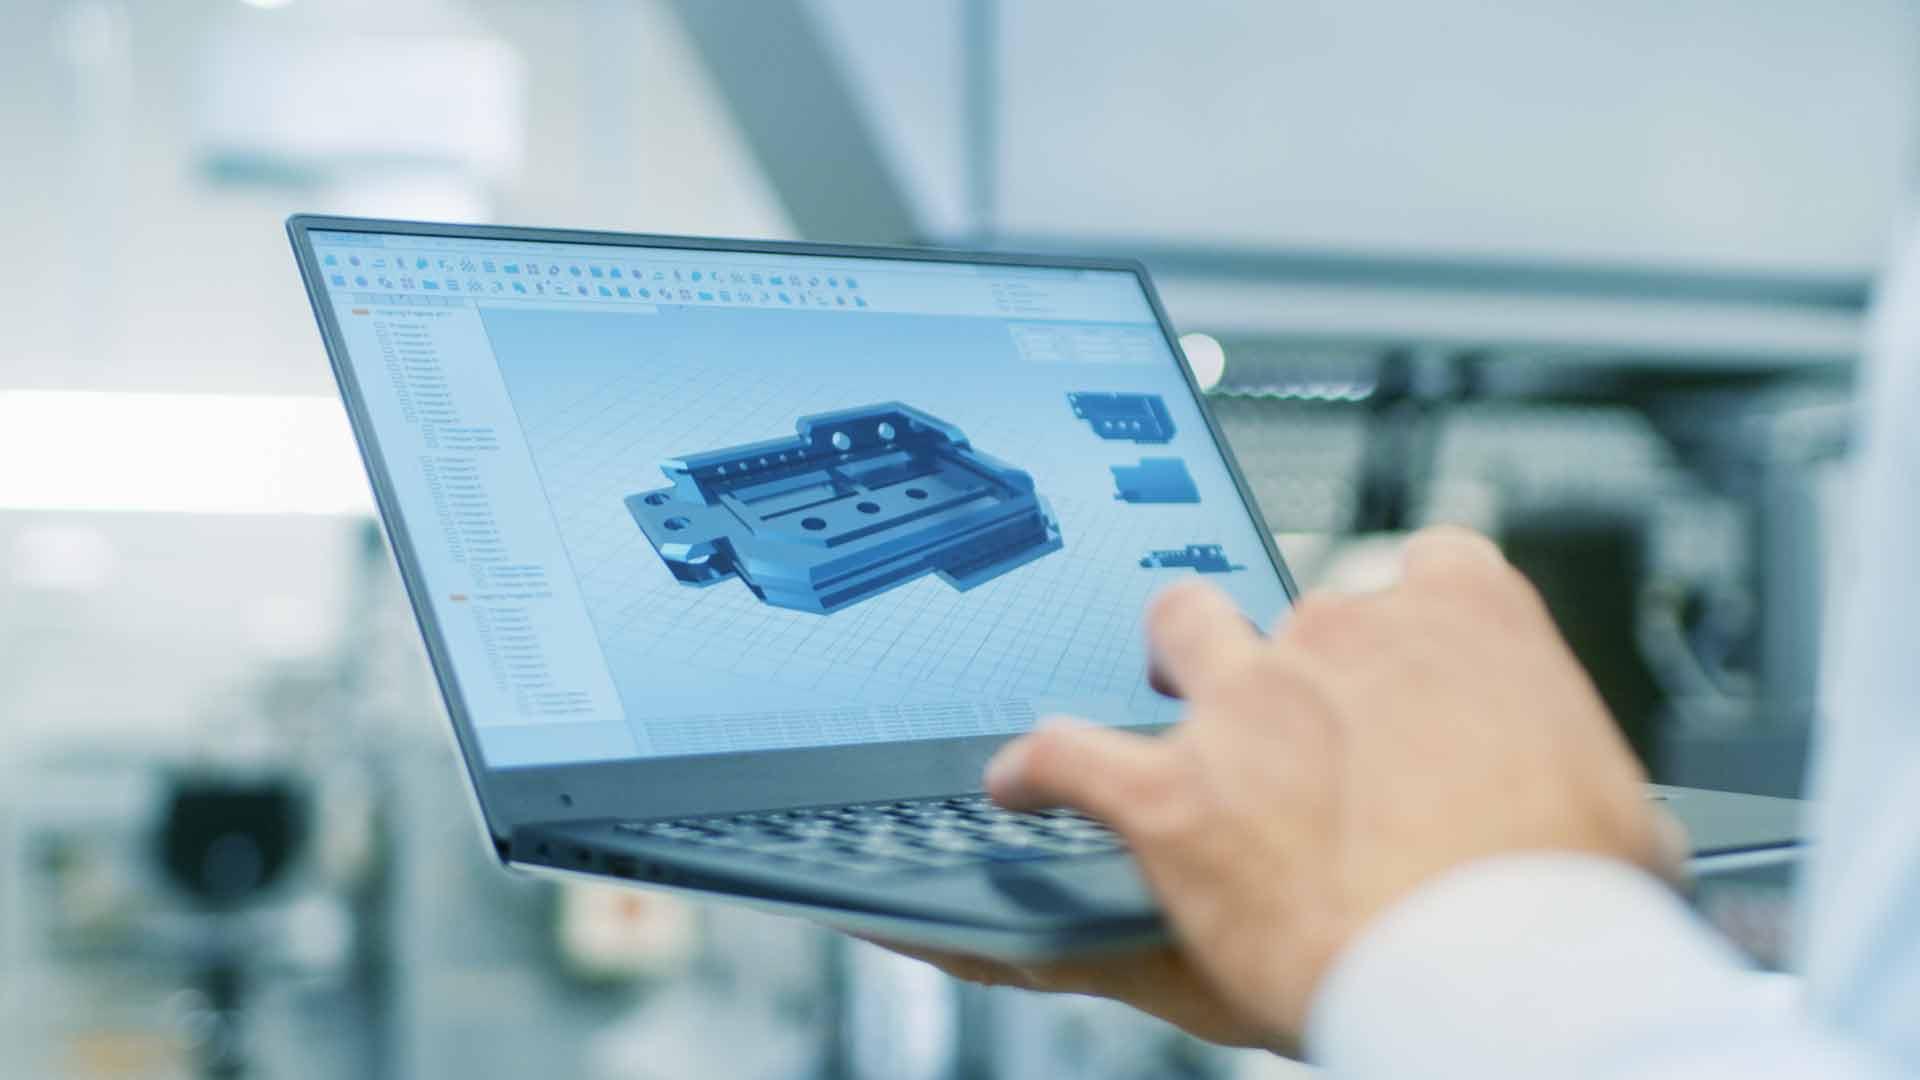 CNC computer component